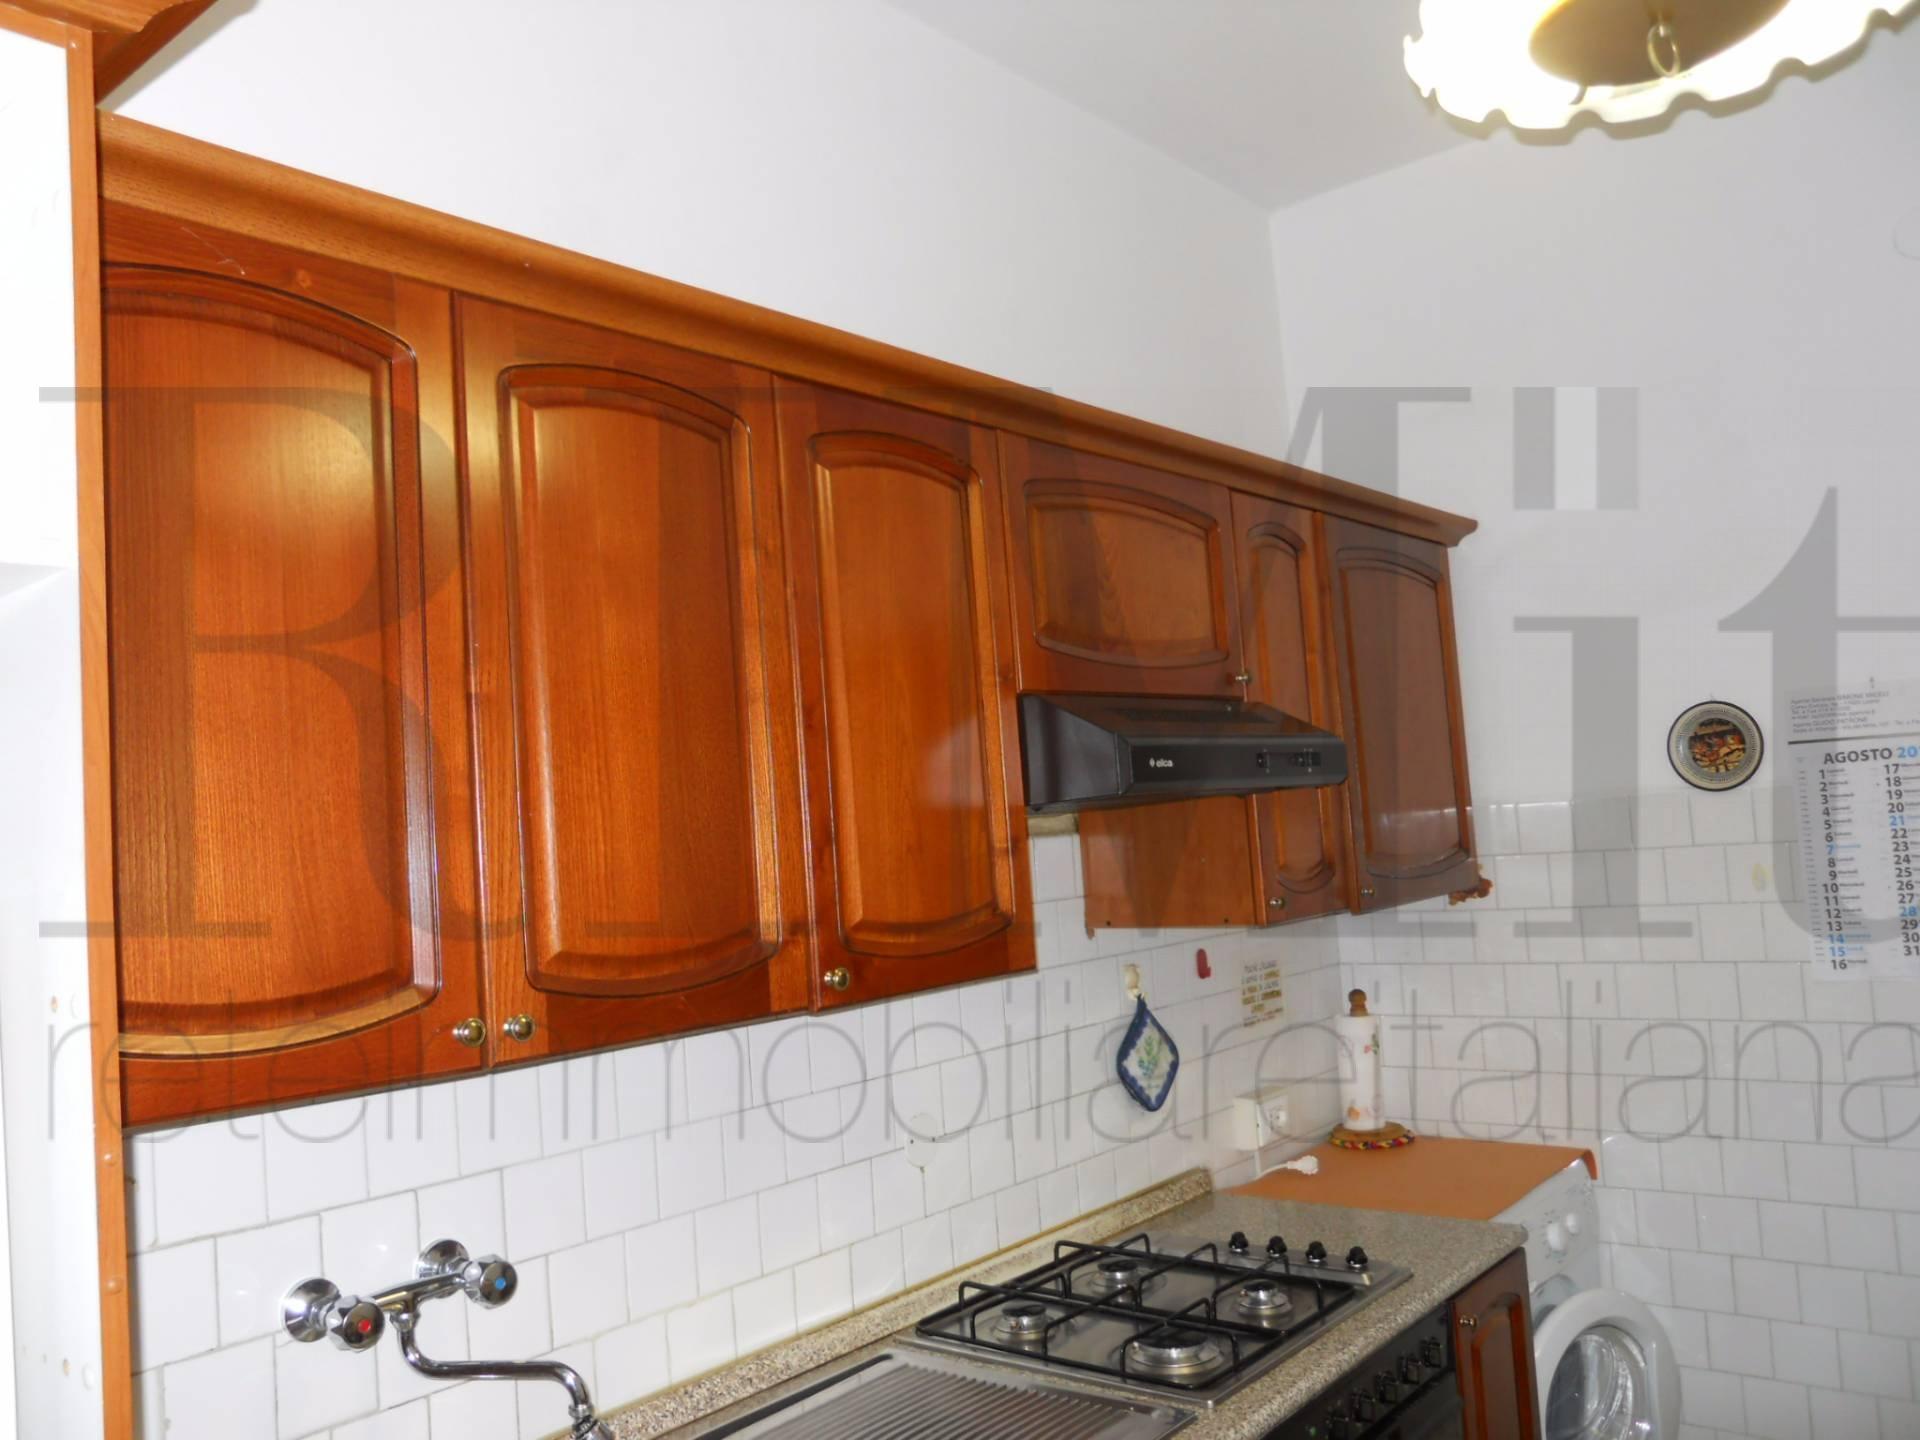 Appartamento in vendita a Loano, 4 locali, zona Località: 200metridallespiagge, prezzo € 255.000 | CambioCasa.it